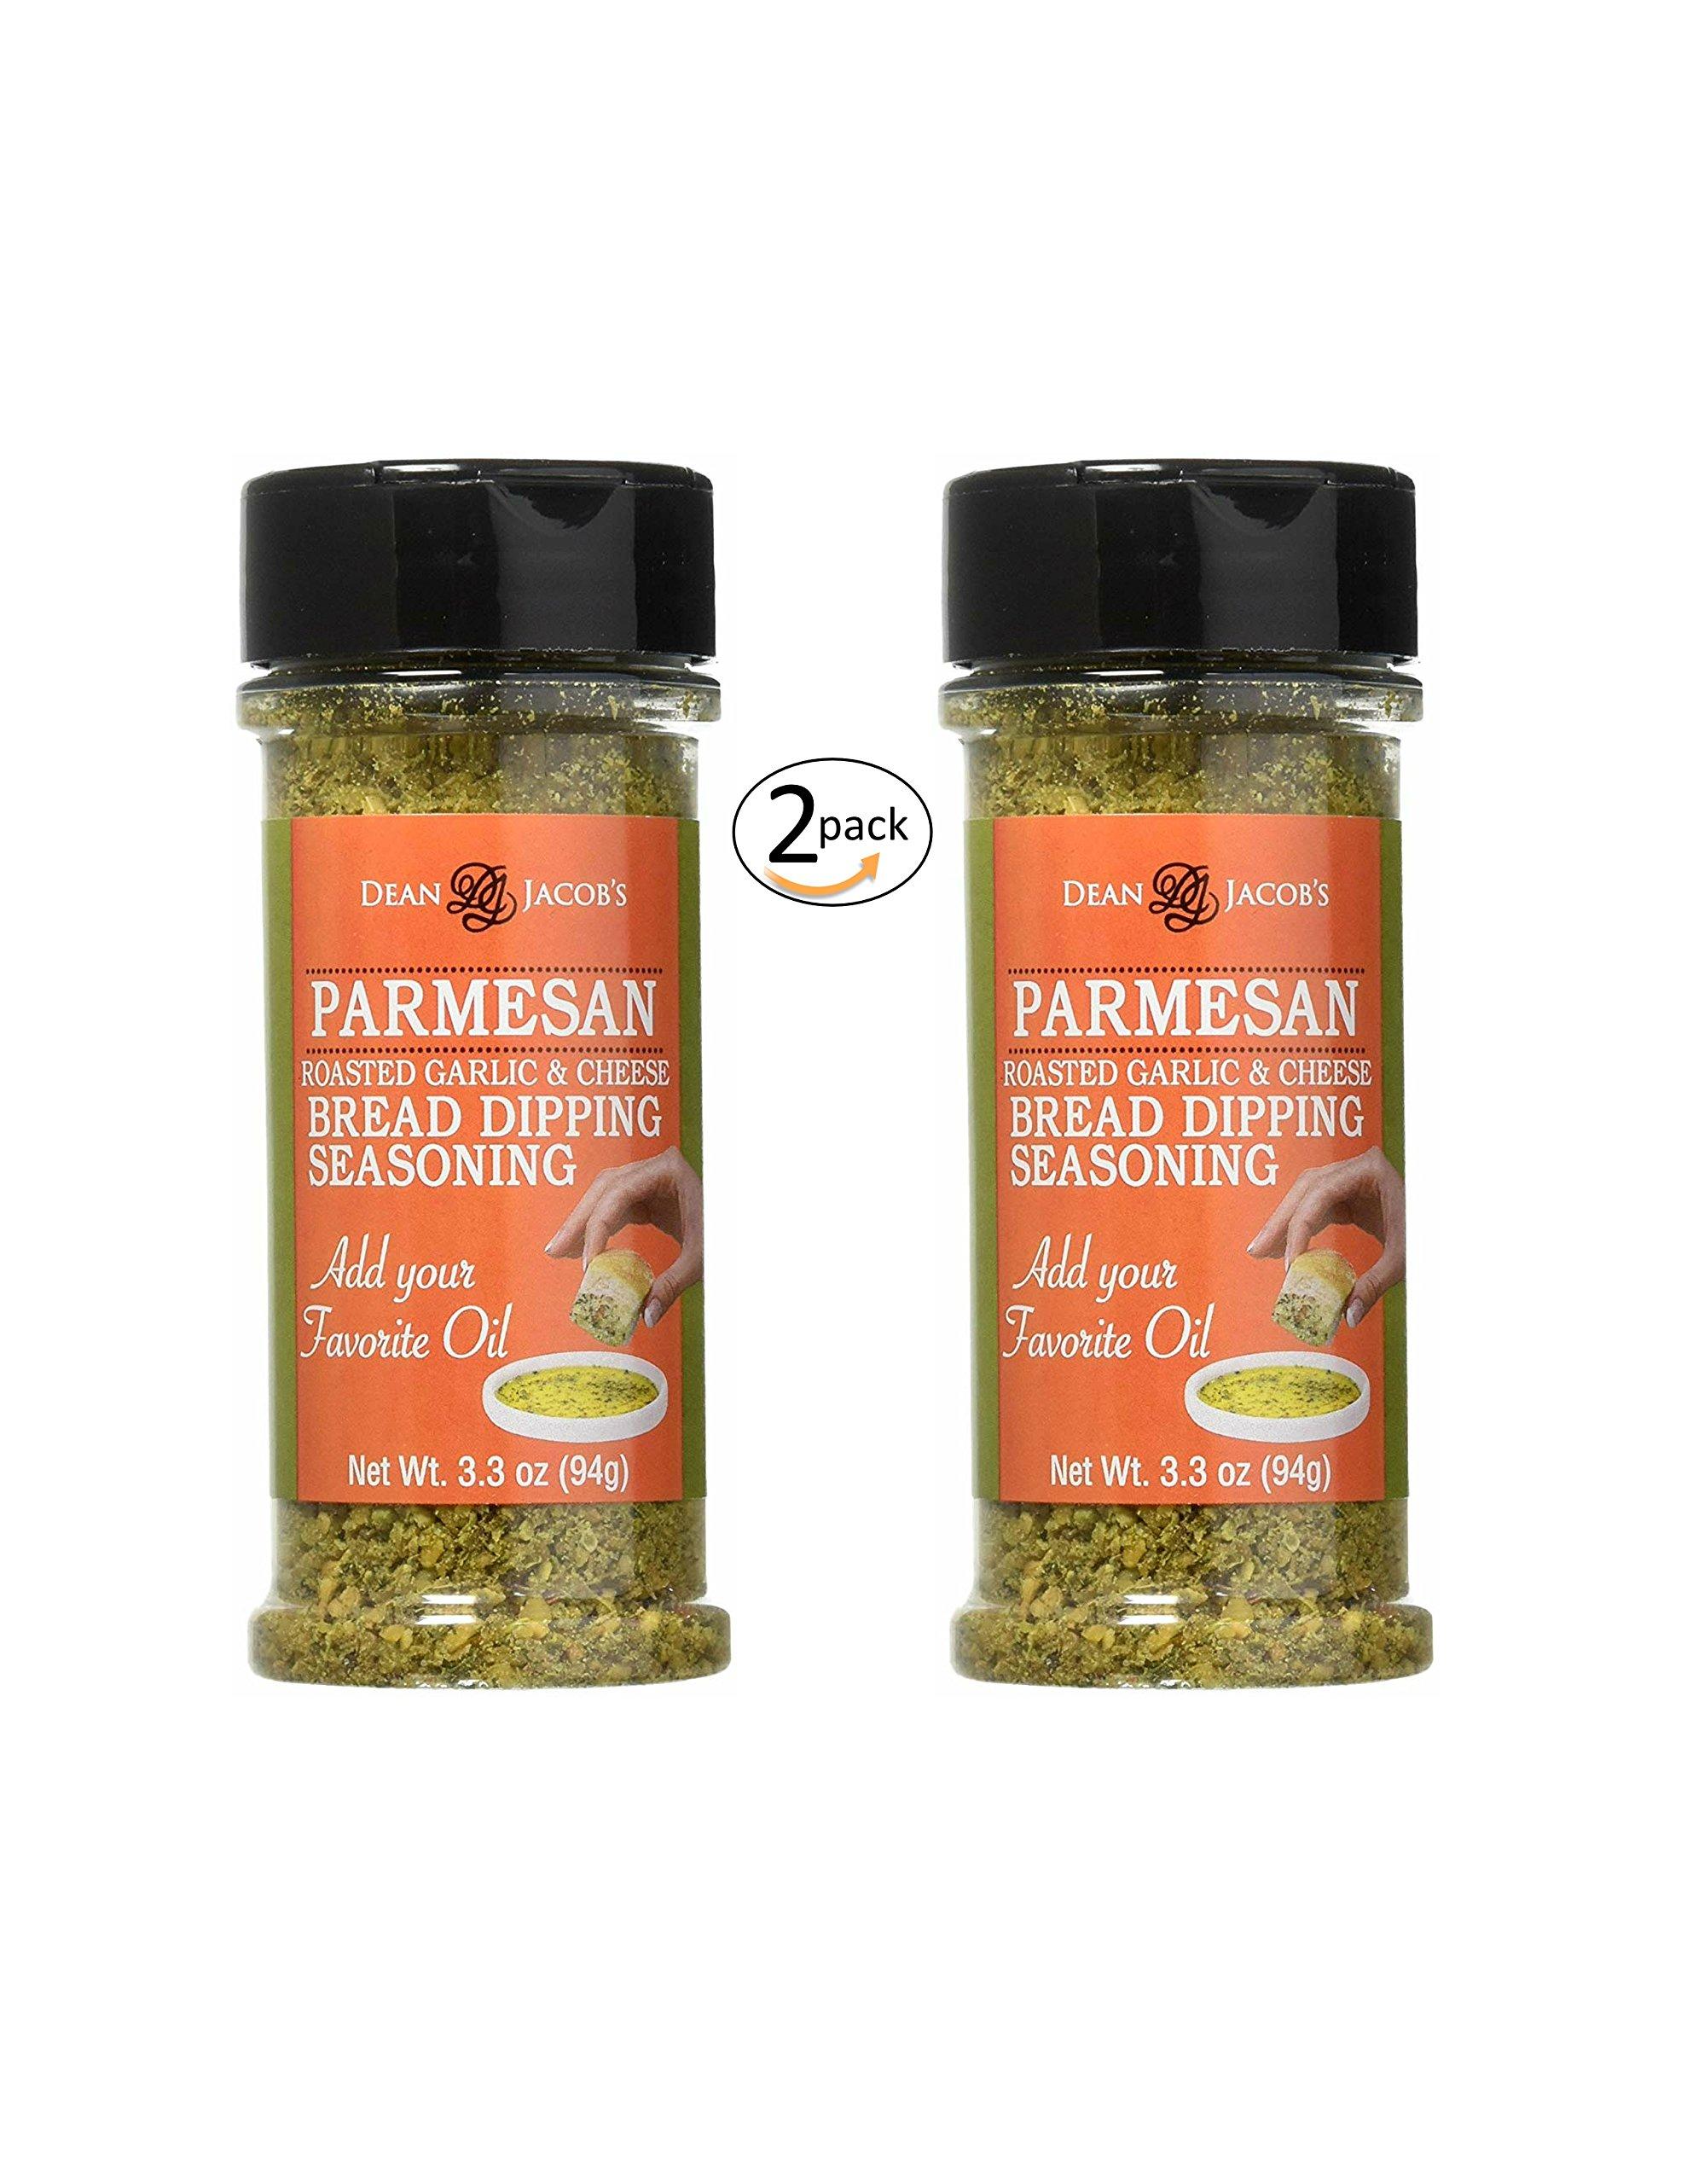 Dean Jacob's Parmesan Bread Dipping Seasoning - 3.3 oz. Stacking jar 2 pack